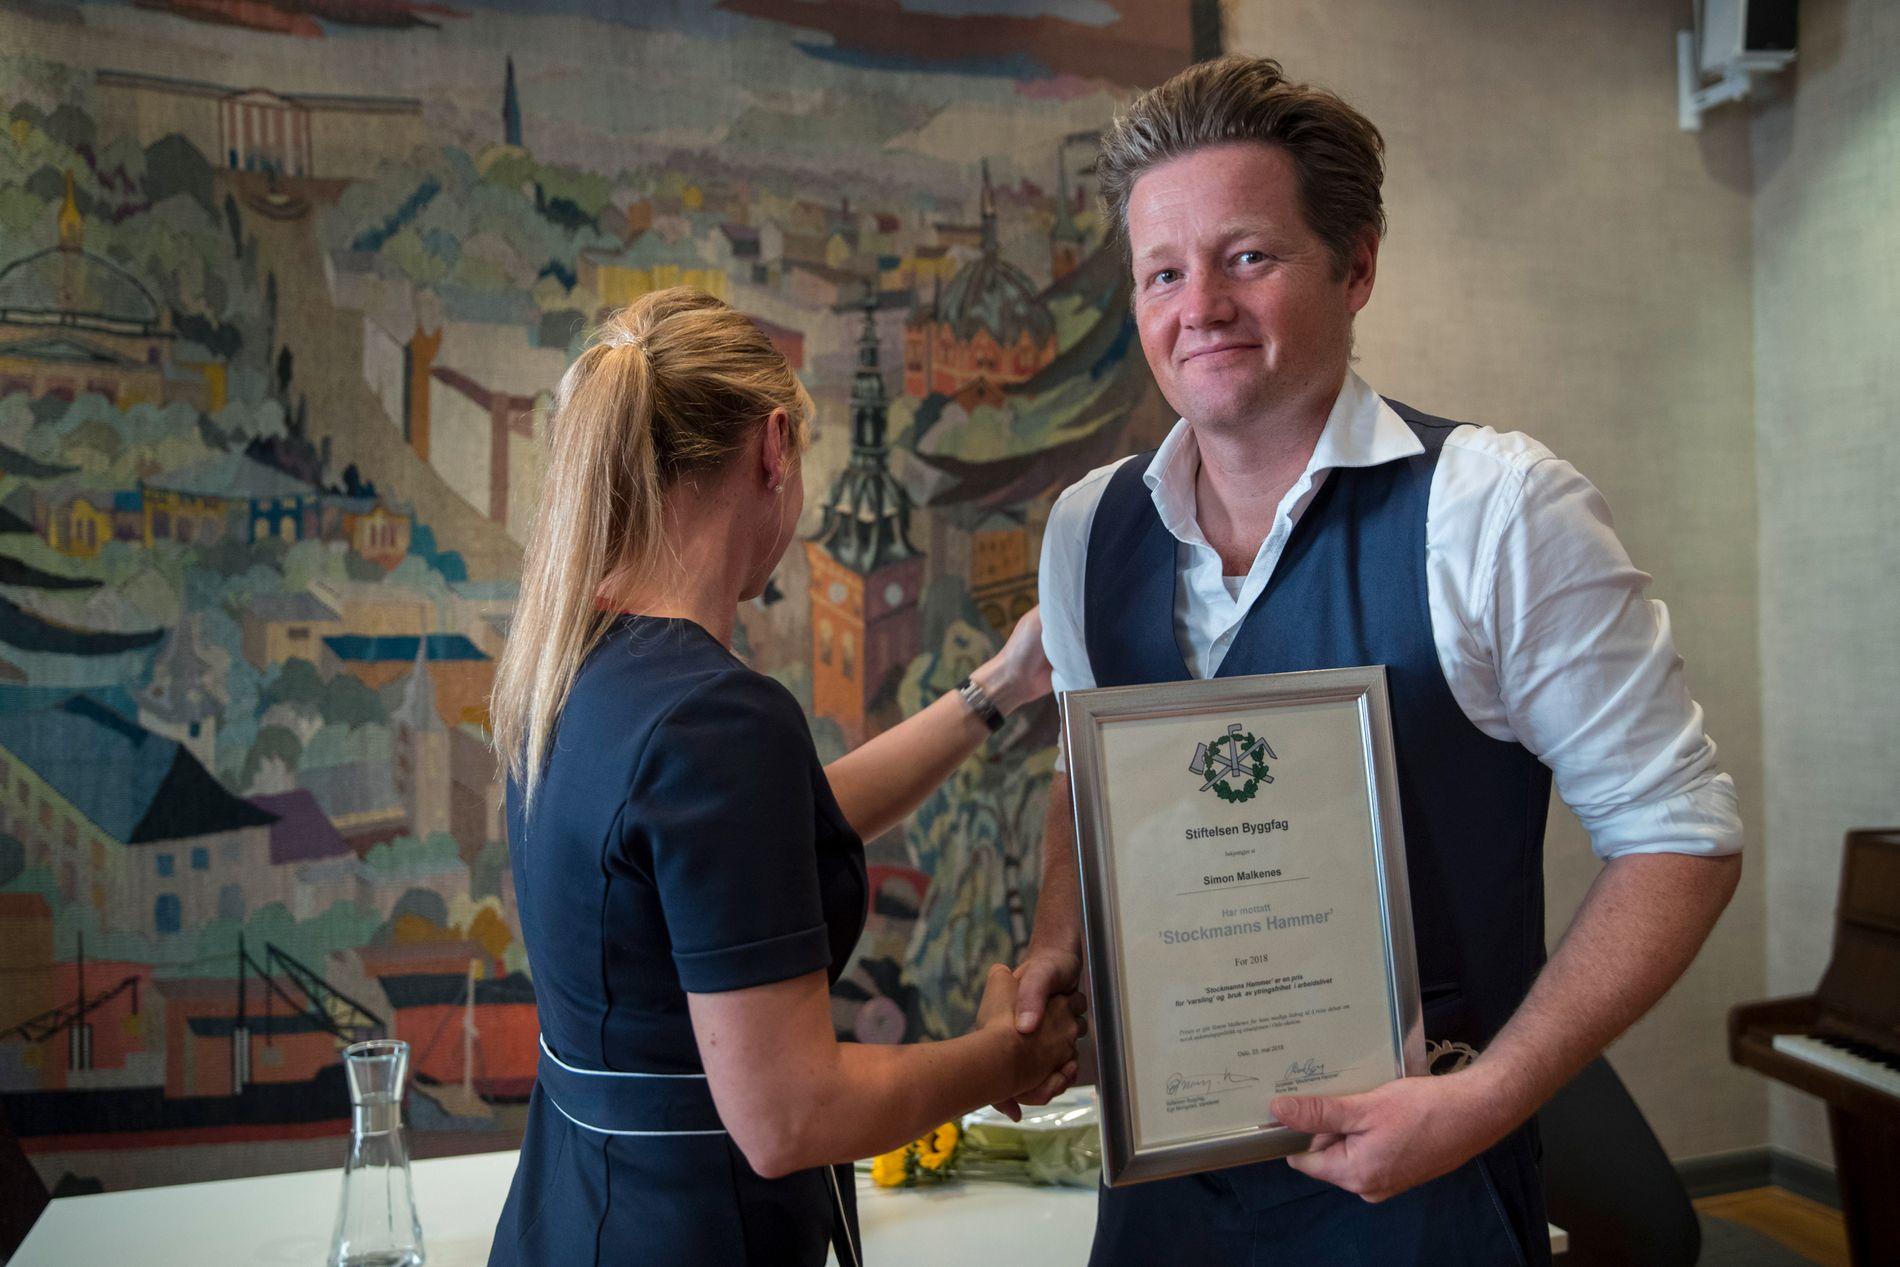 MOTTOK PRISER: Simon Malkenes har mottatt tre priser for sine ytringer om Osloskolen hittil i 2018. Her har han akkurat mottatt prisen Stockmanns Hammer fra Hilde Bergh i Oslo håndverker og industriforening 23. mai.